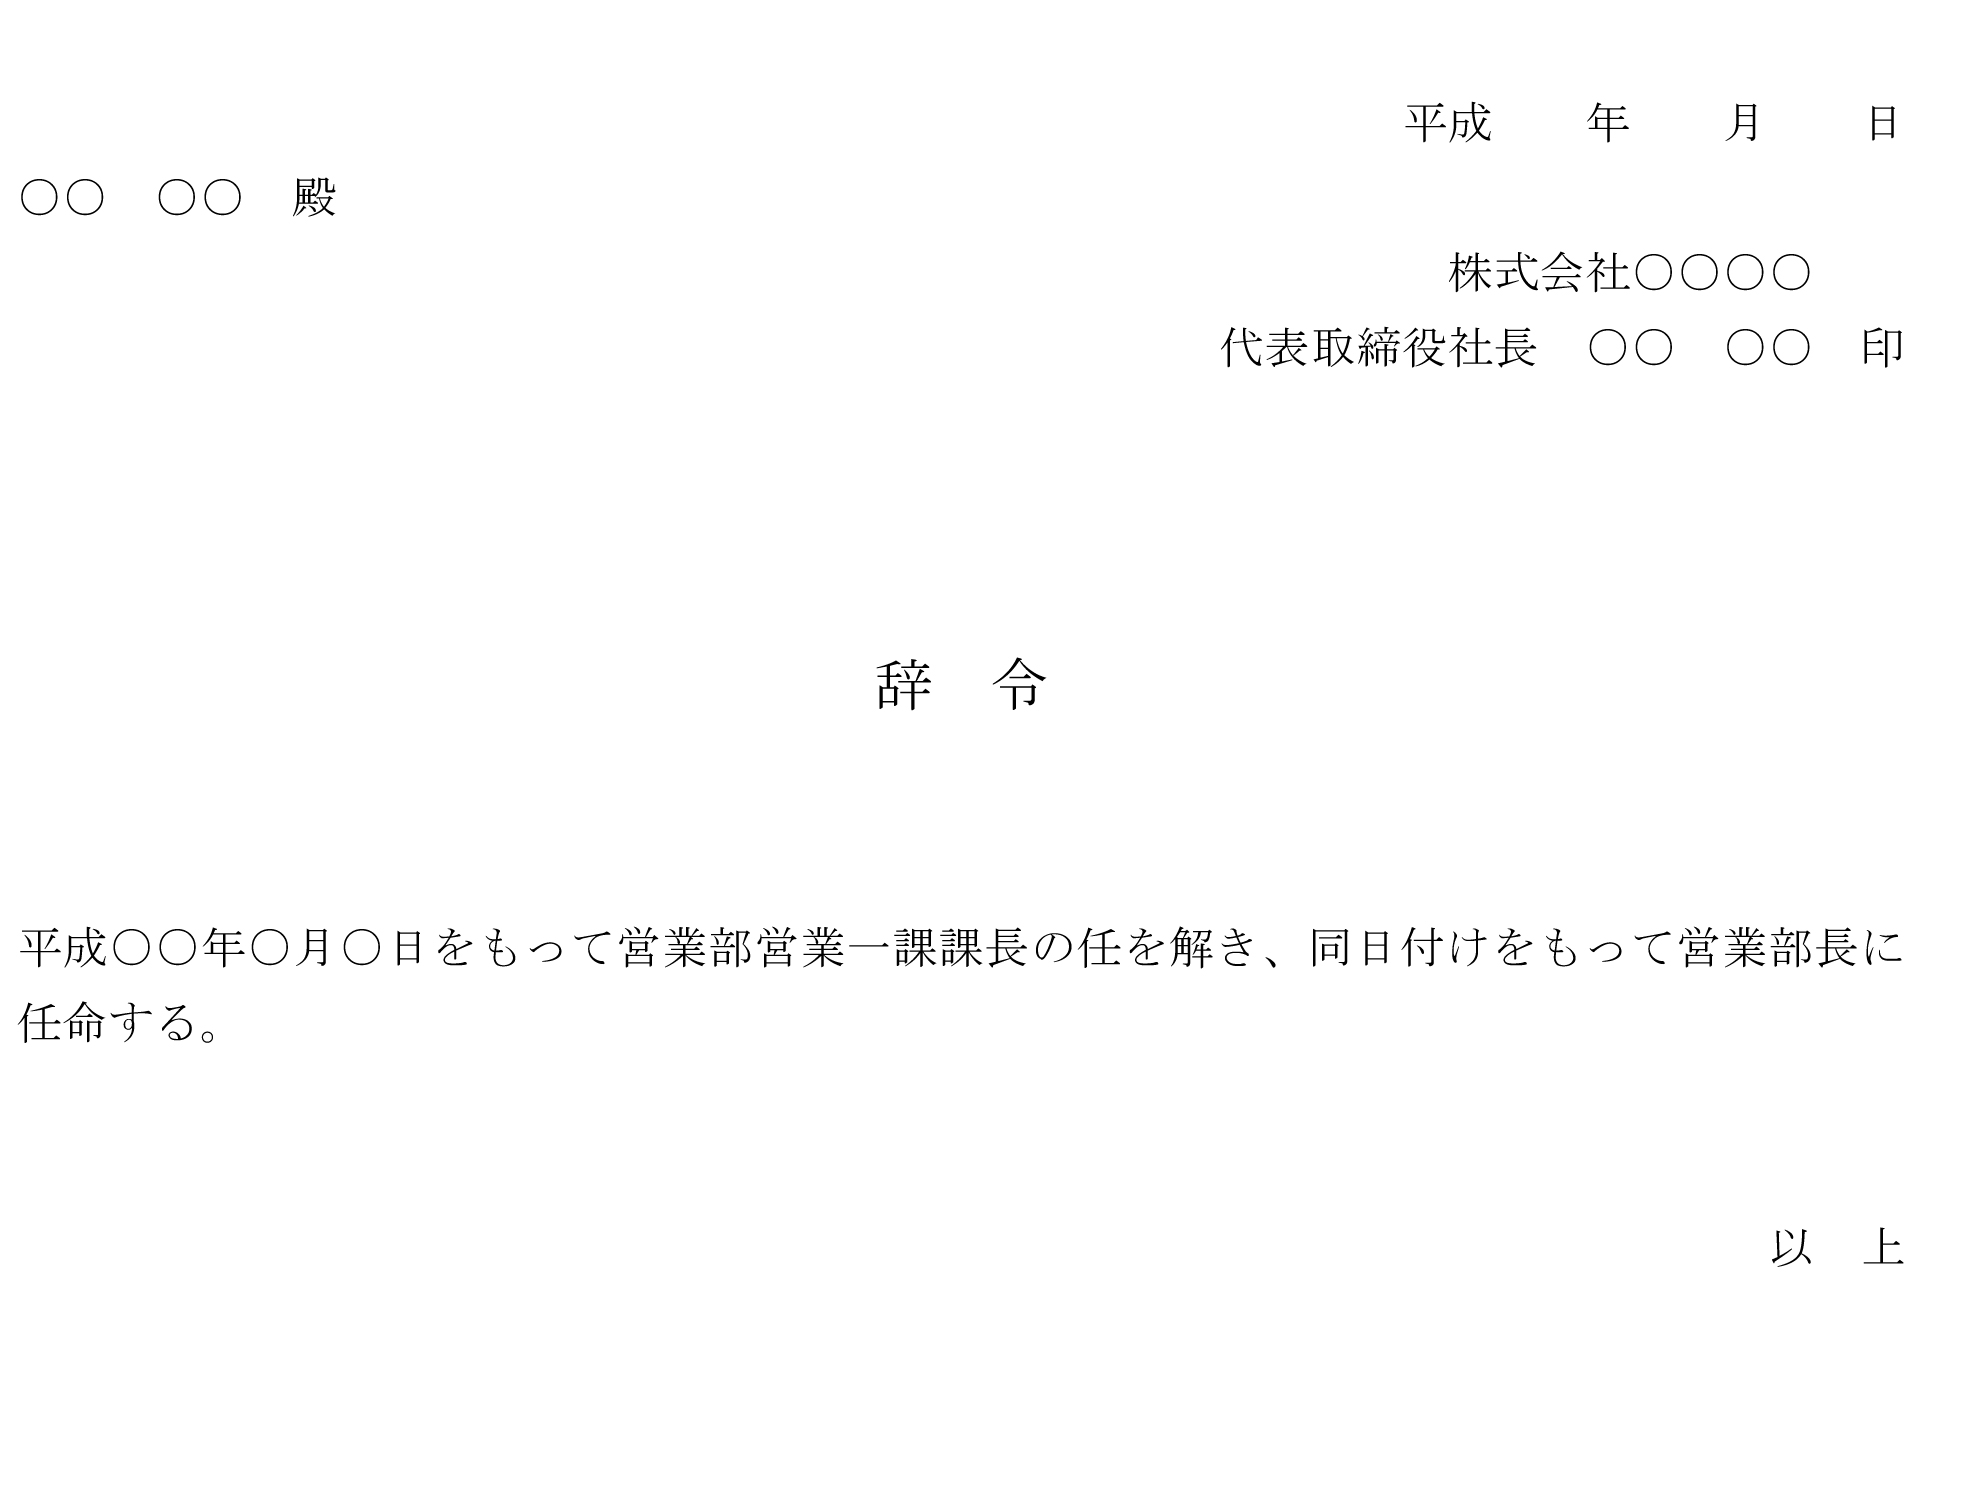 辞令(任命)02